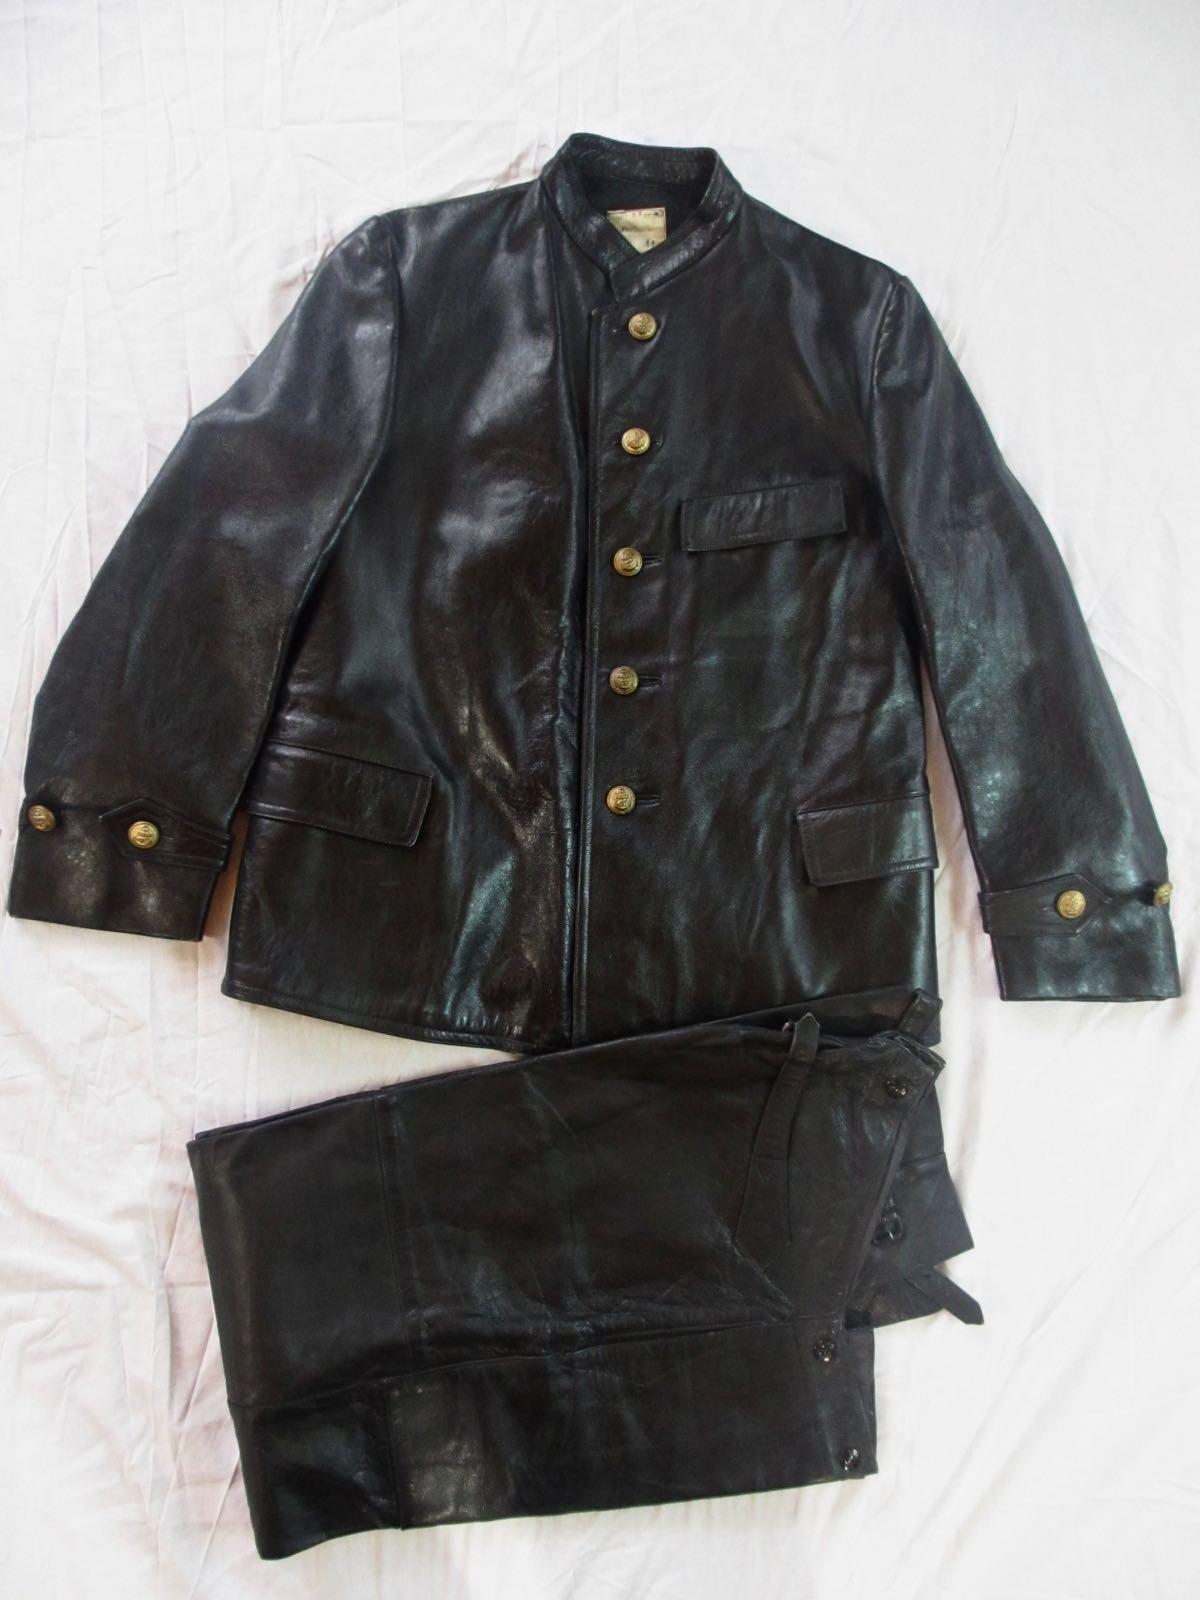 Kriegsmarine foul weather leather set.